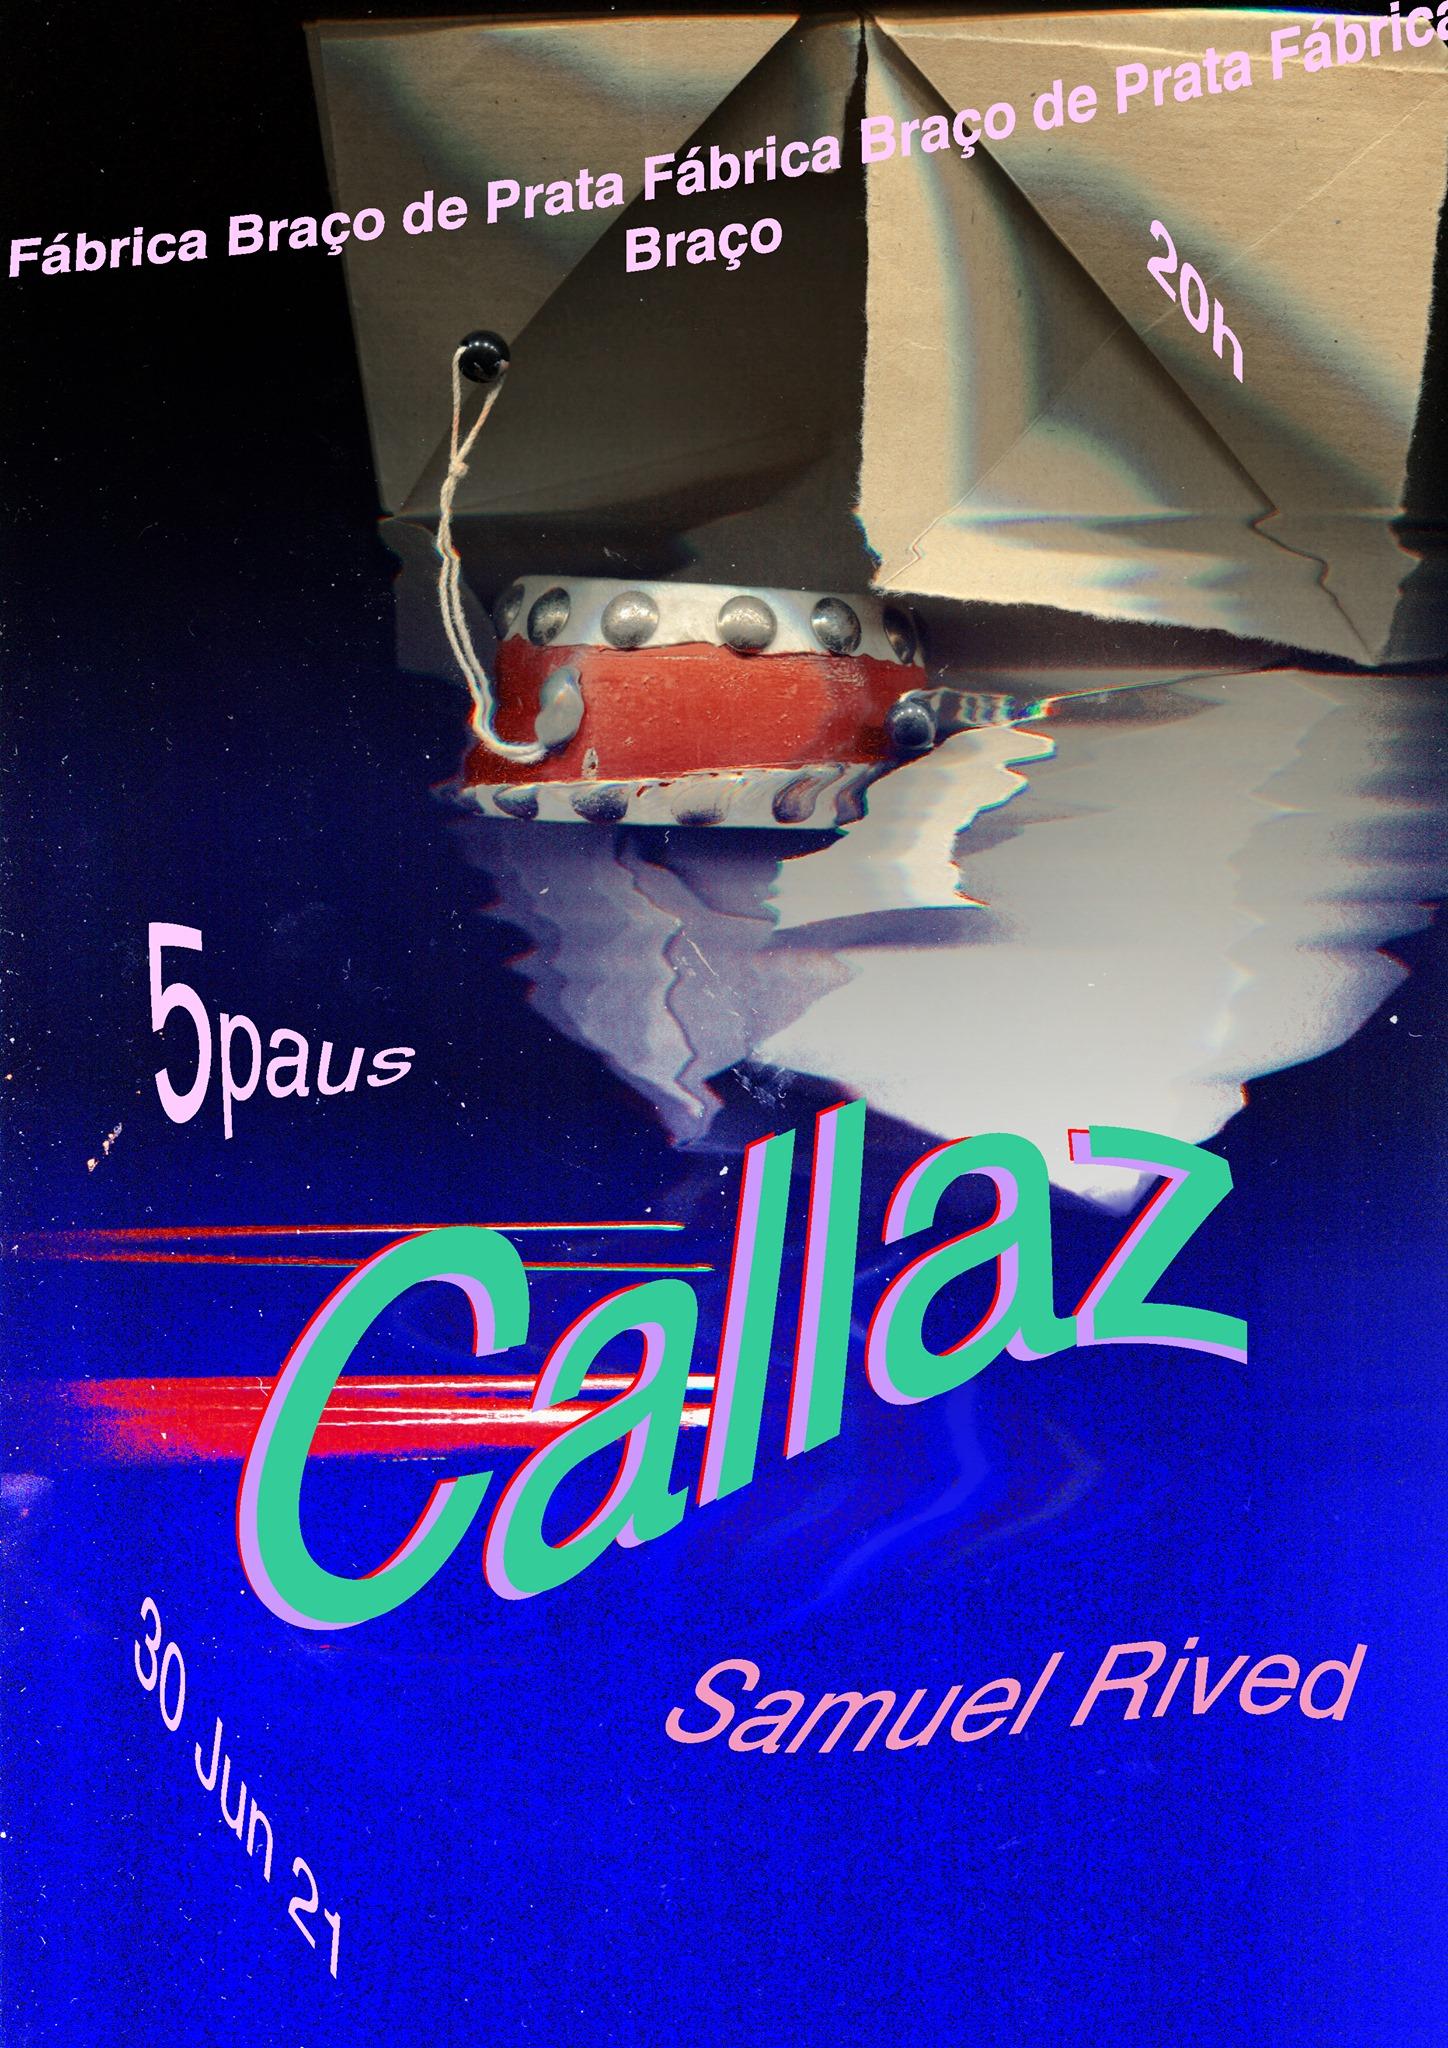 Callaz // Samuel Rived @ Fábrica Braço de Prata